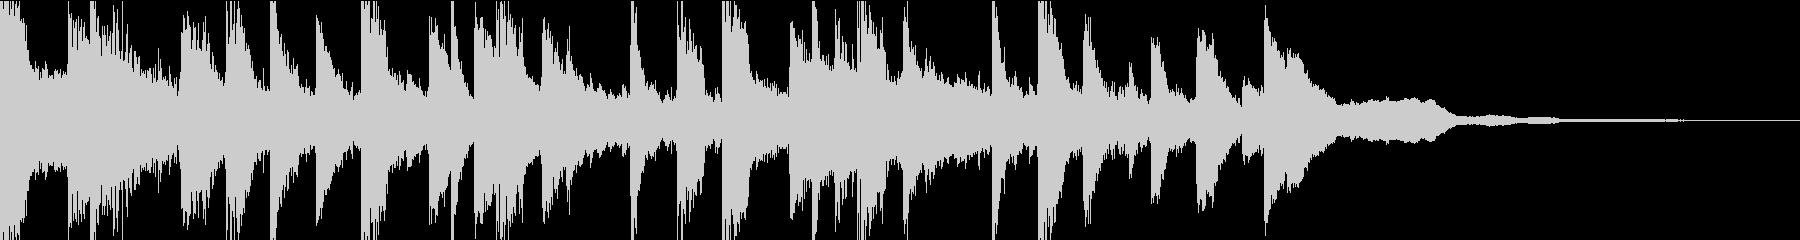 ピアノとシンセのメロディーとイギリ...の未再生の波形